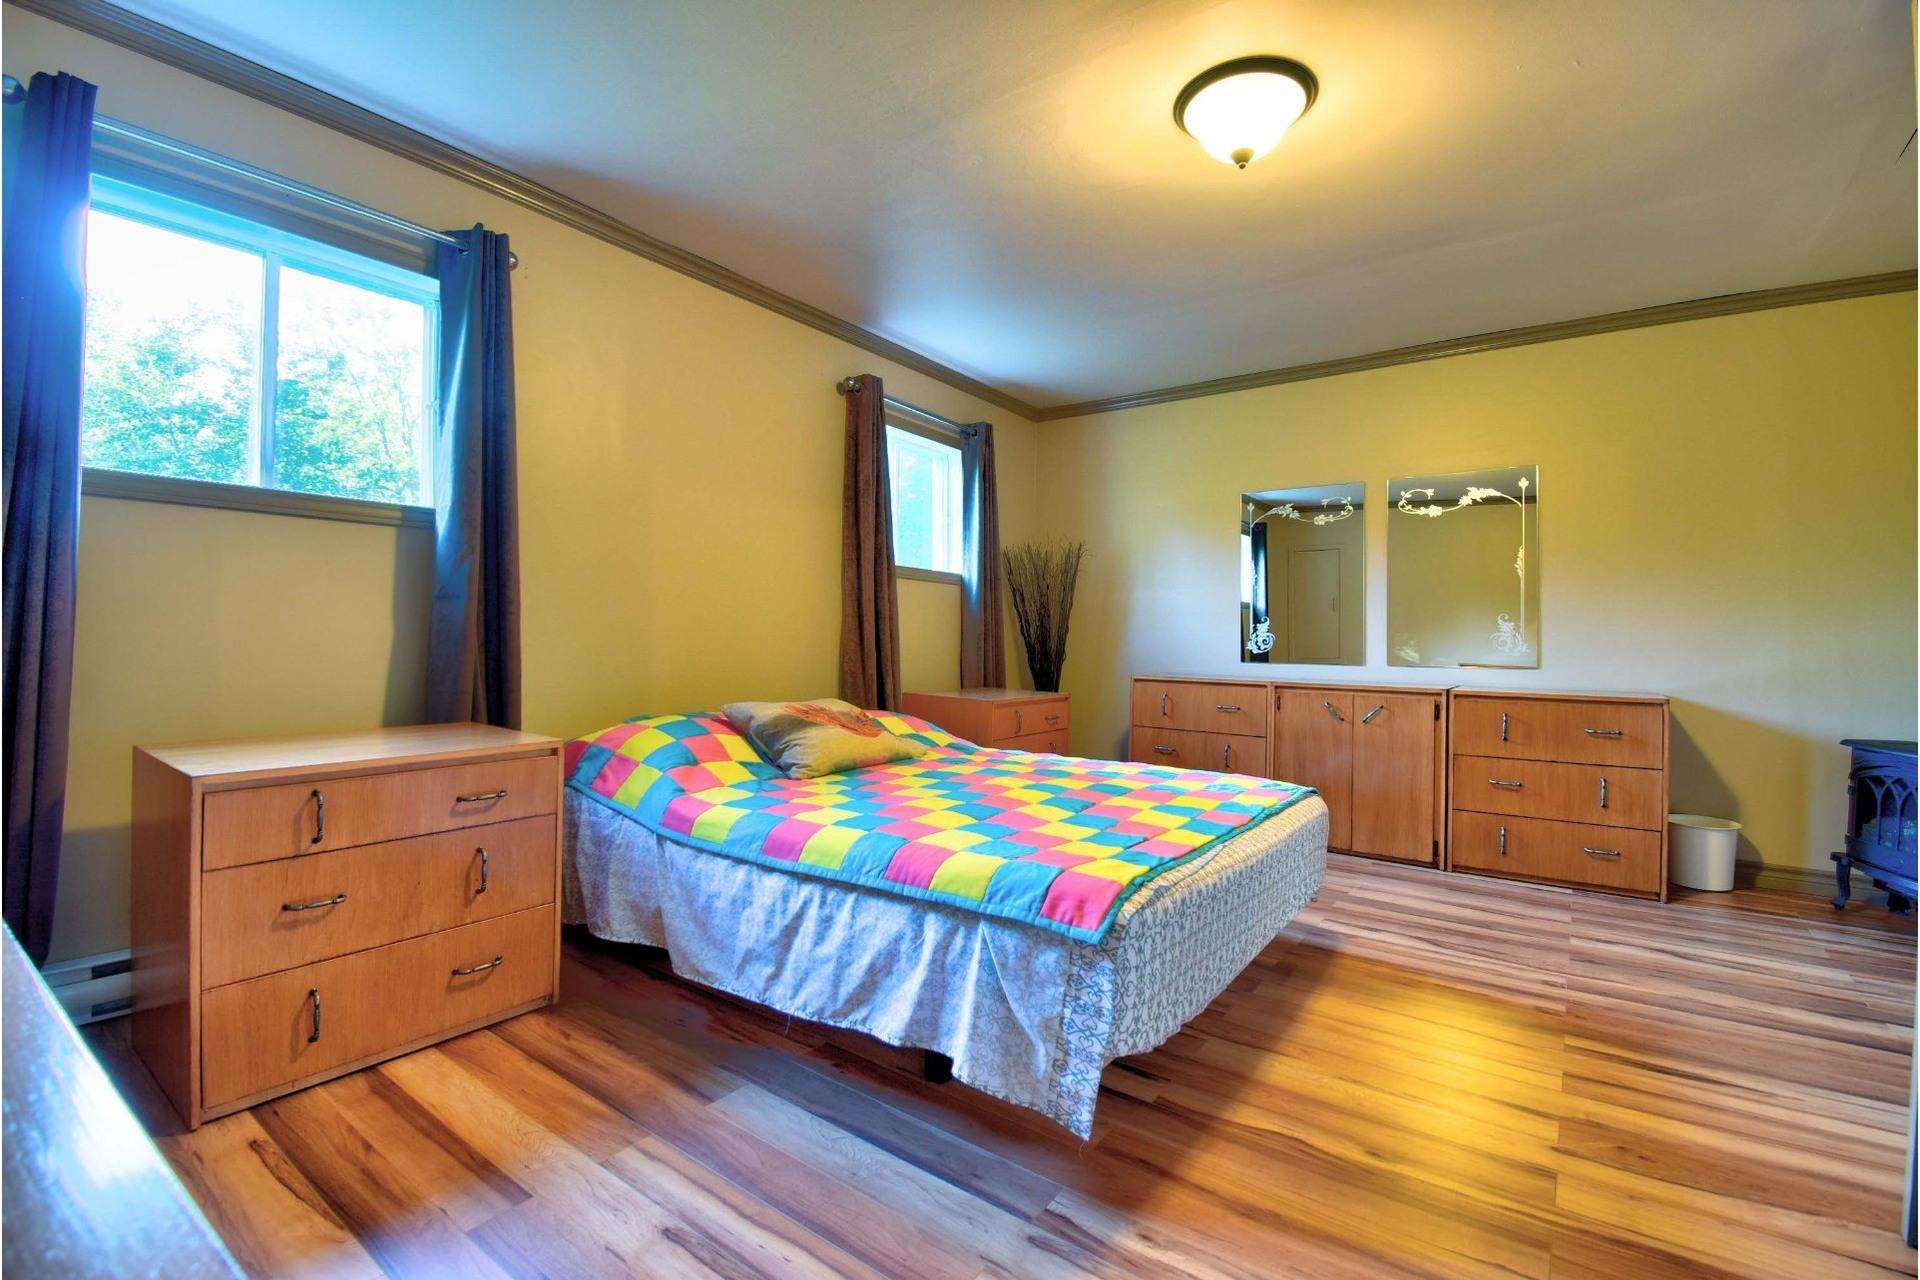 image 16 - House For sale Trois-Rivières - 6 rooms